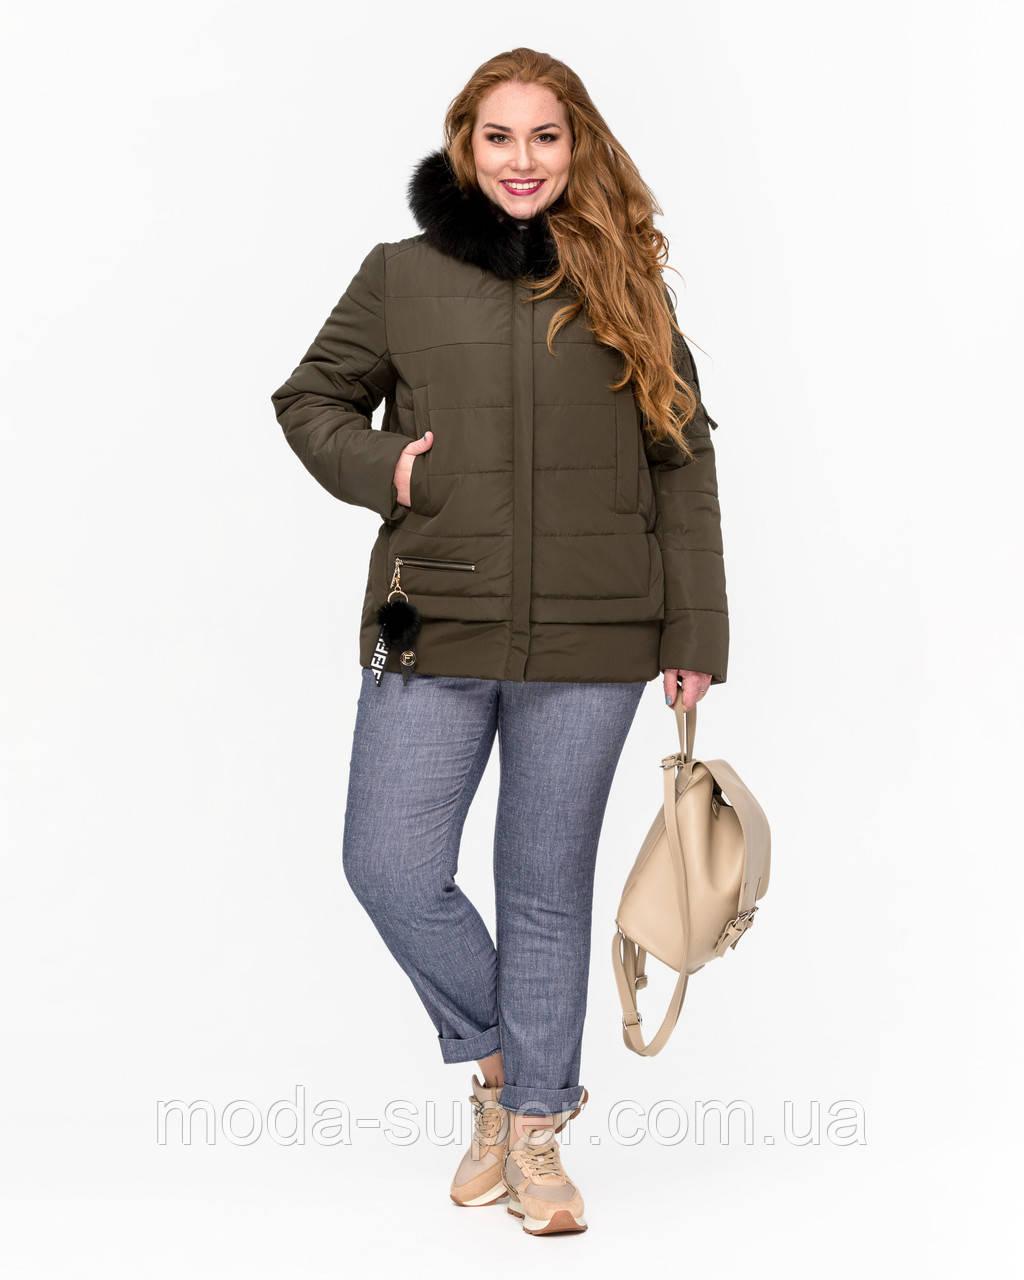 Коротка зимова куртка молодіжна рр 42-52